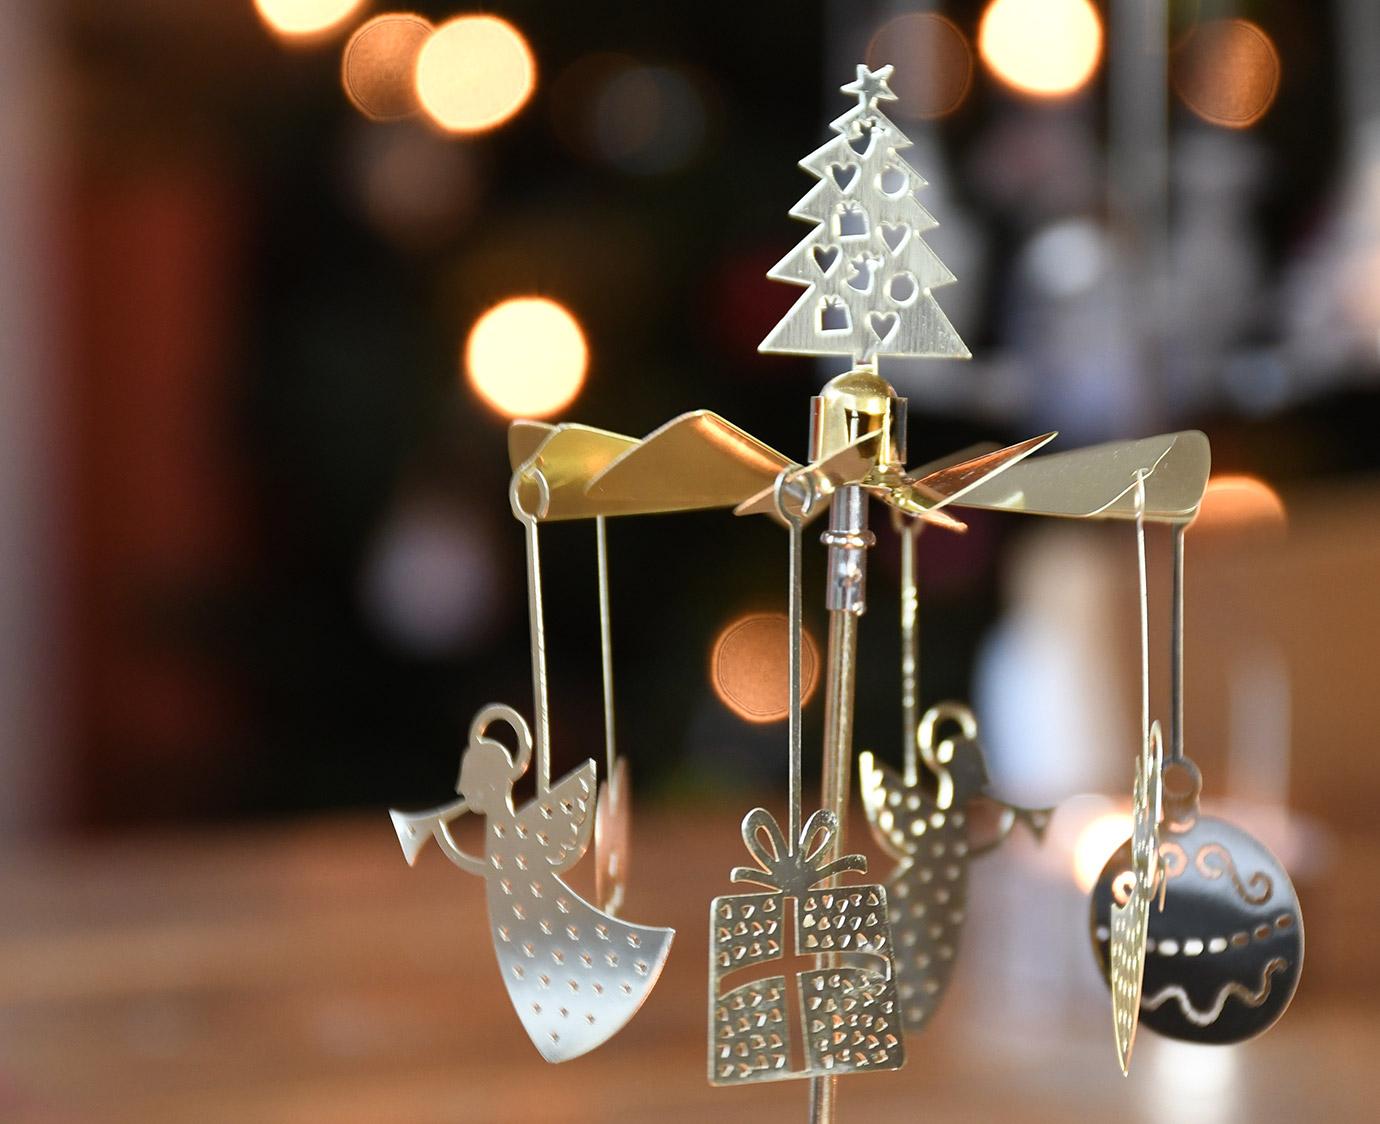 Carrousel 'Christmas'